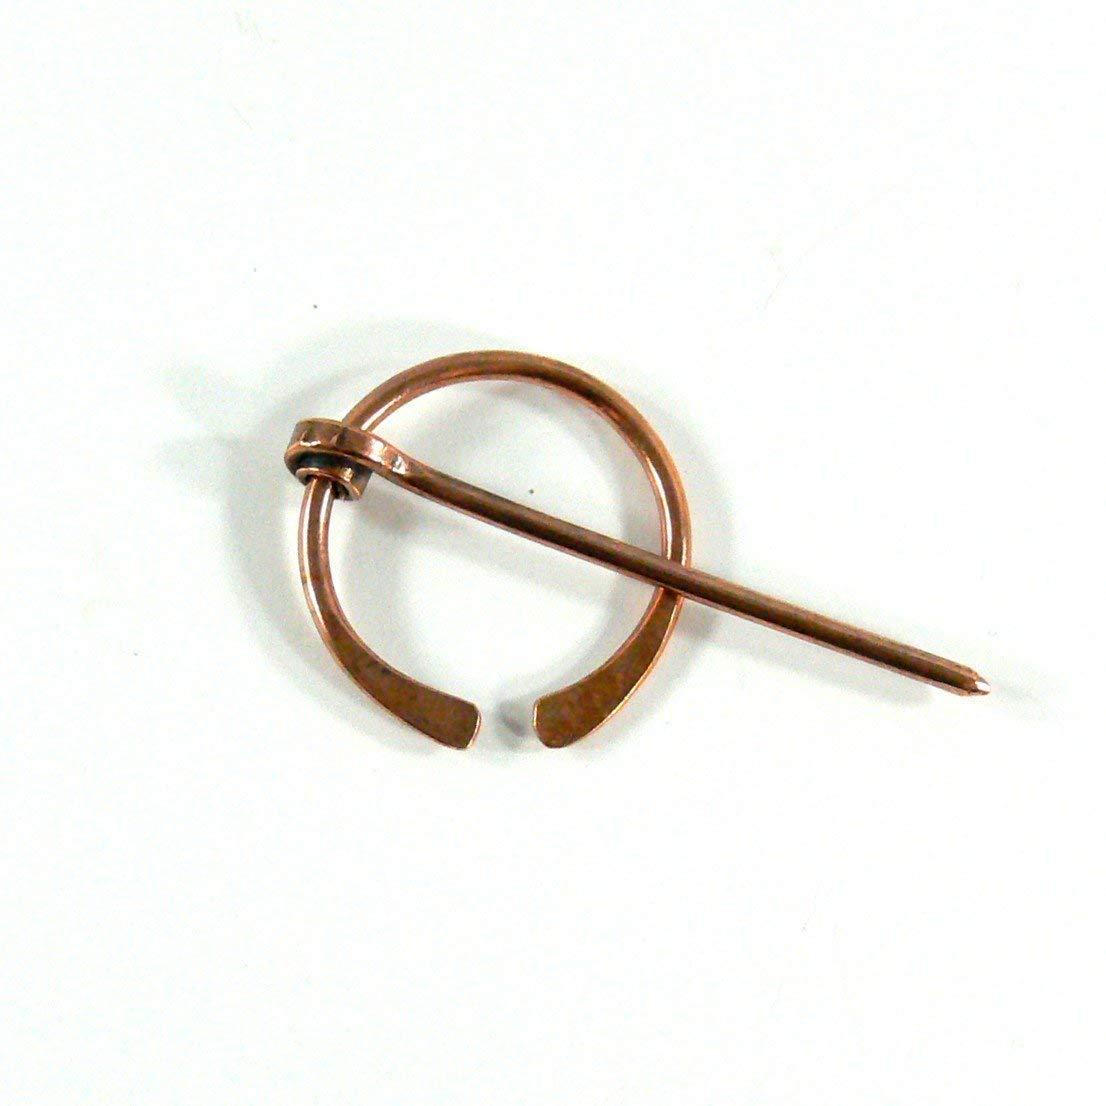 Handmade Copper Penannular Brooch Viking Pin